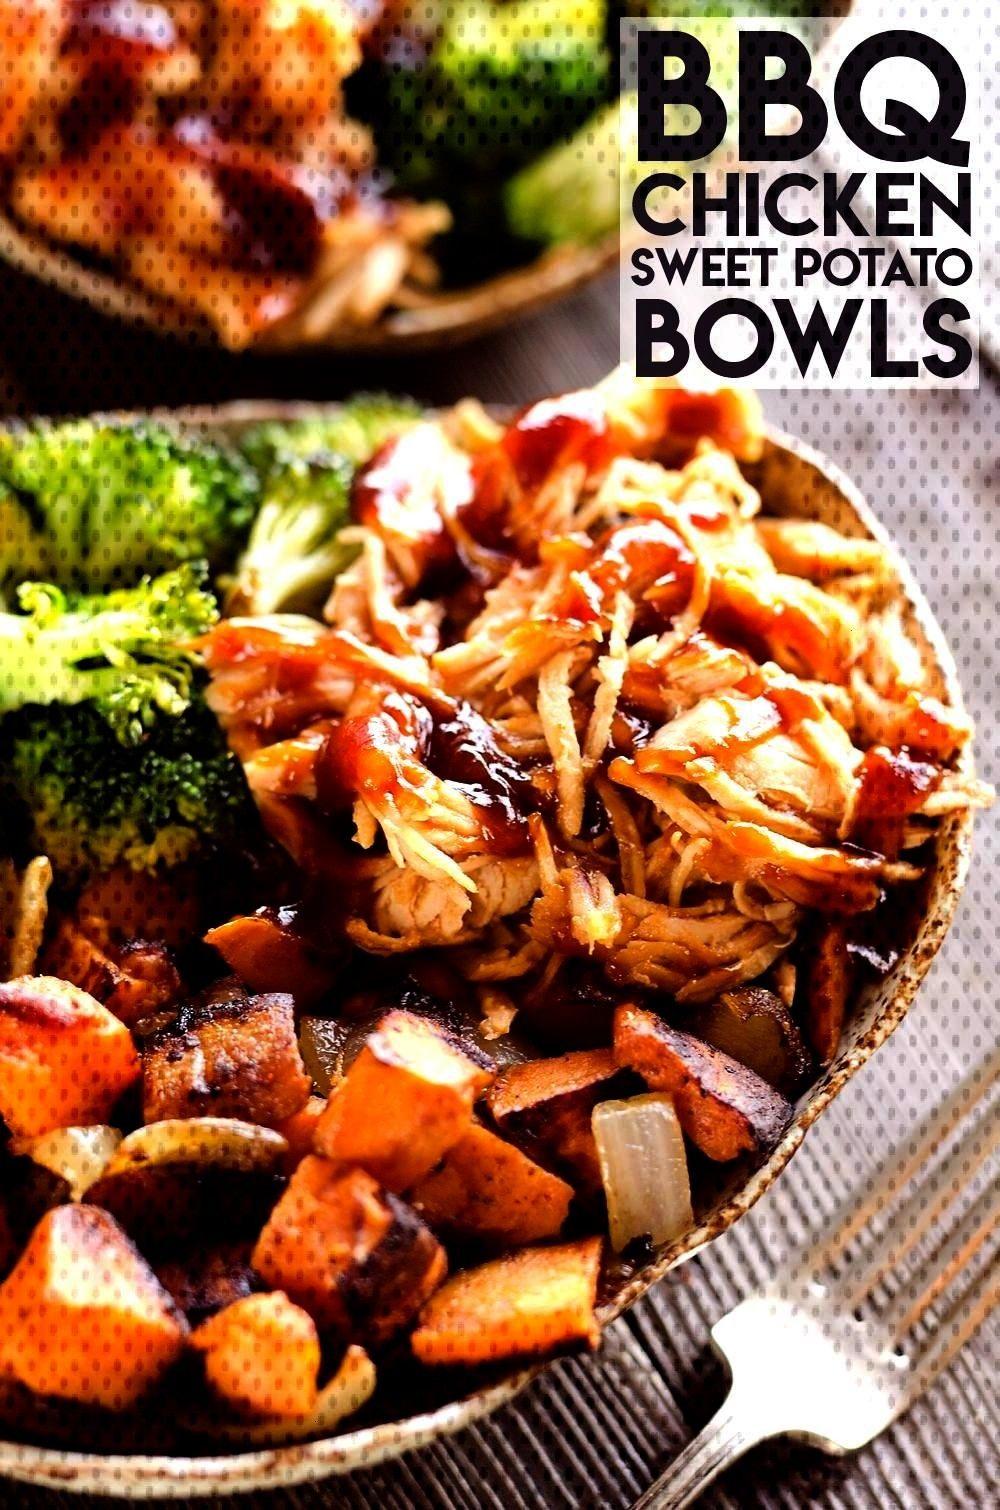 Chicken & Roasted Sweet Potato Bowls  BBQ Chicken & Roasted Sweet Potato Bowls are a hearty andBBQ